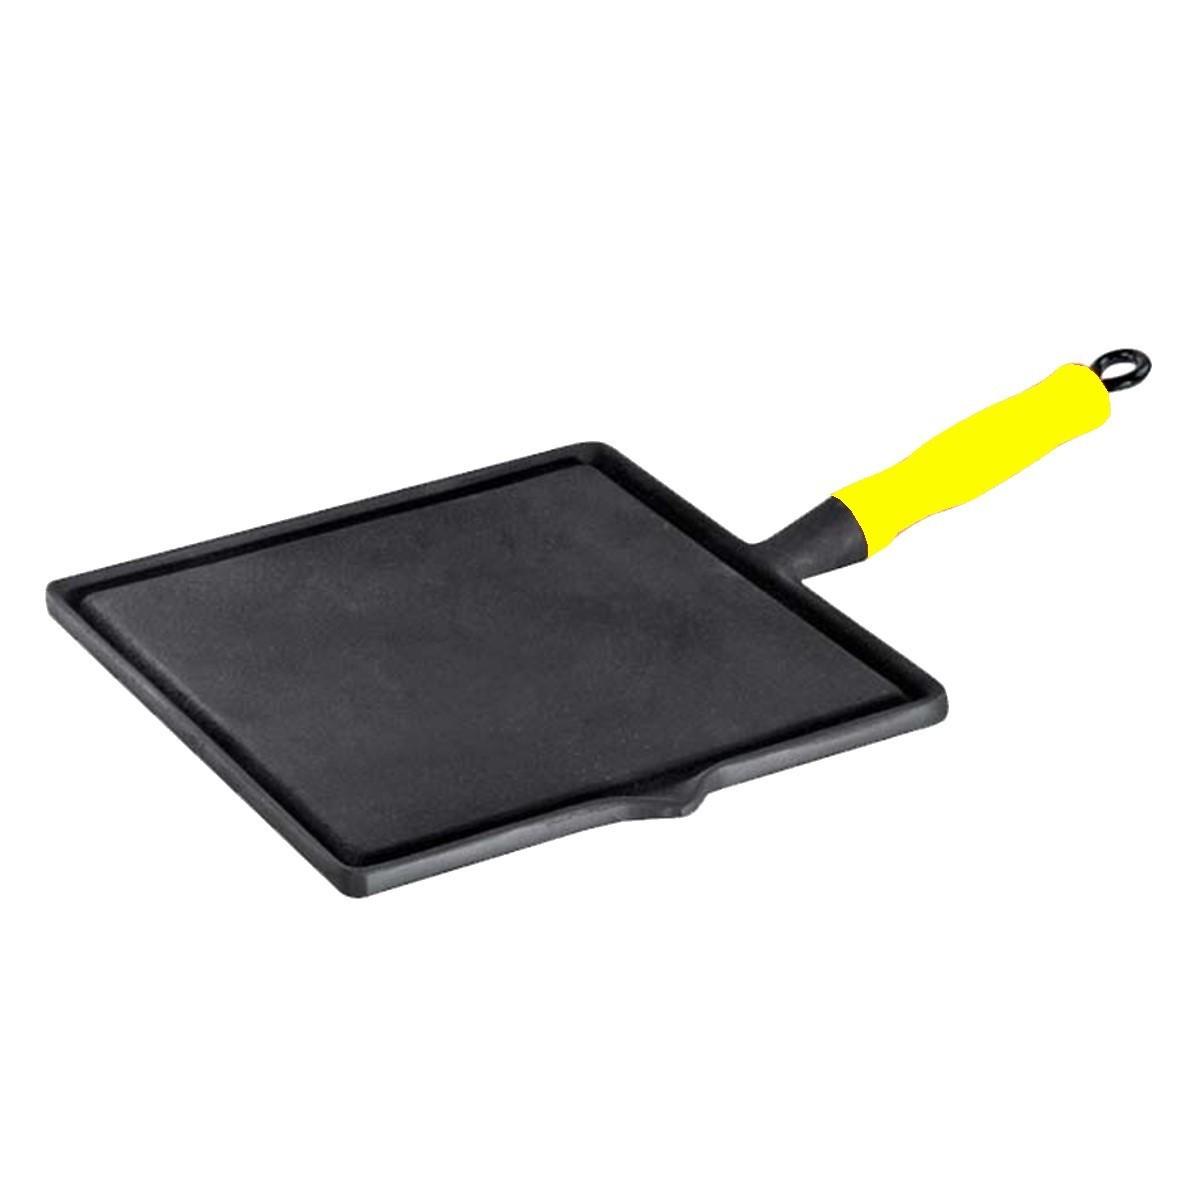 Bifeteira quadrada lisa com cabo de silicone Amarelo 26x26cm